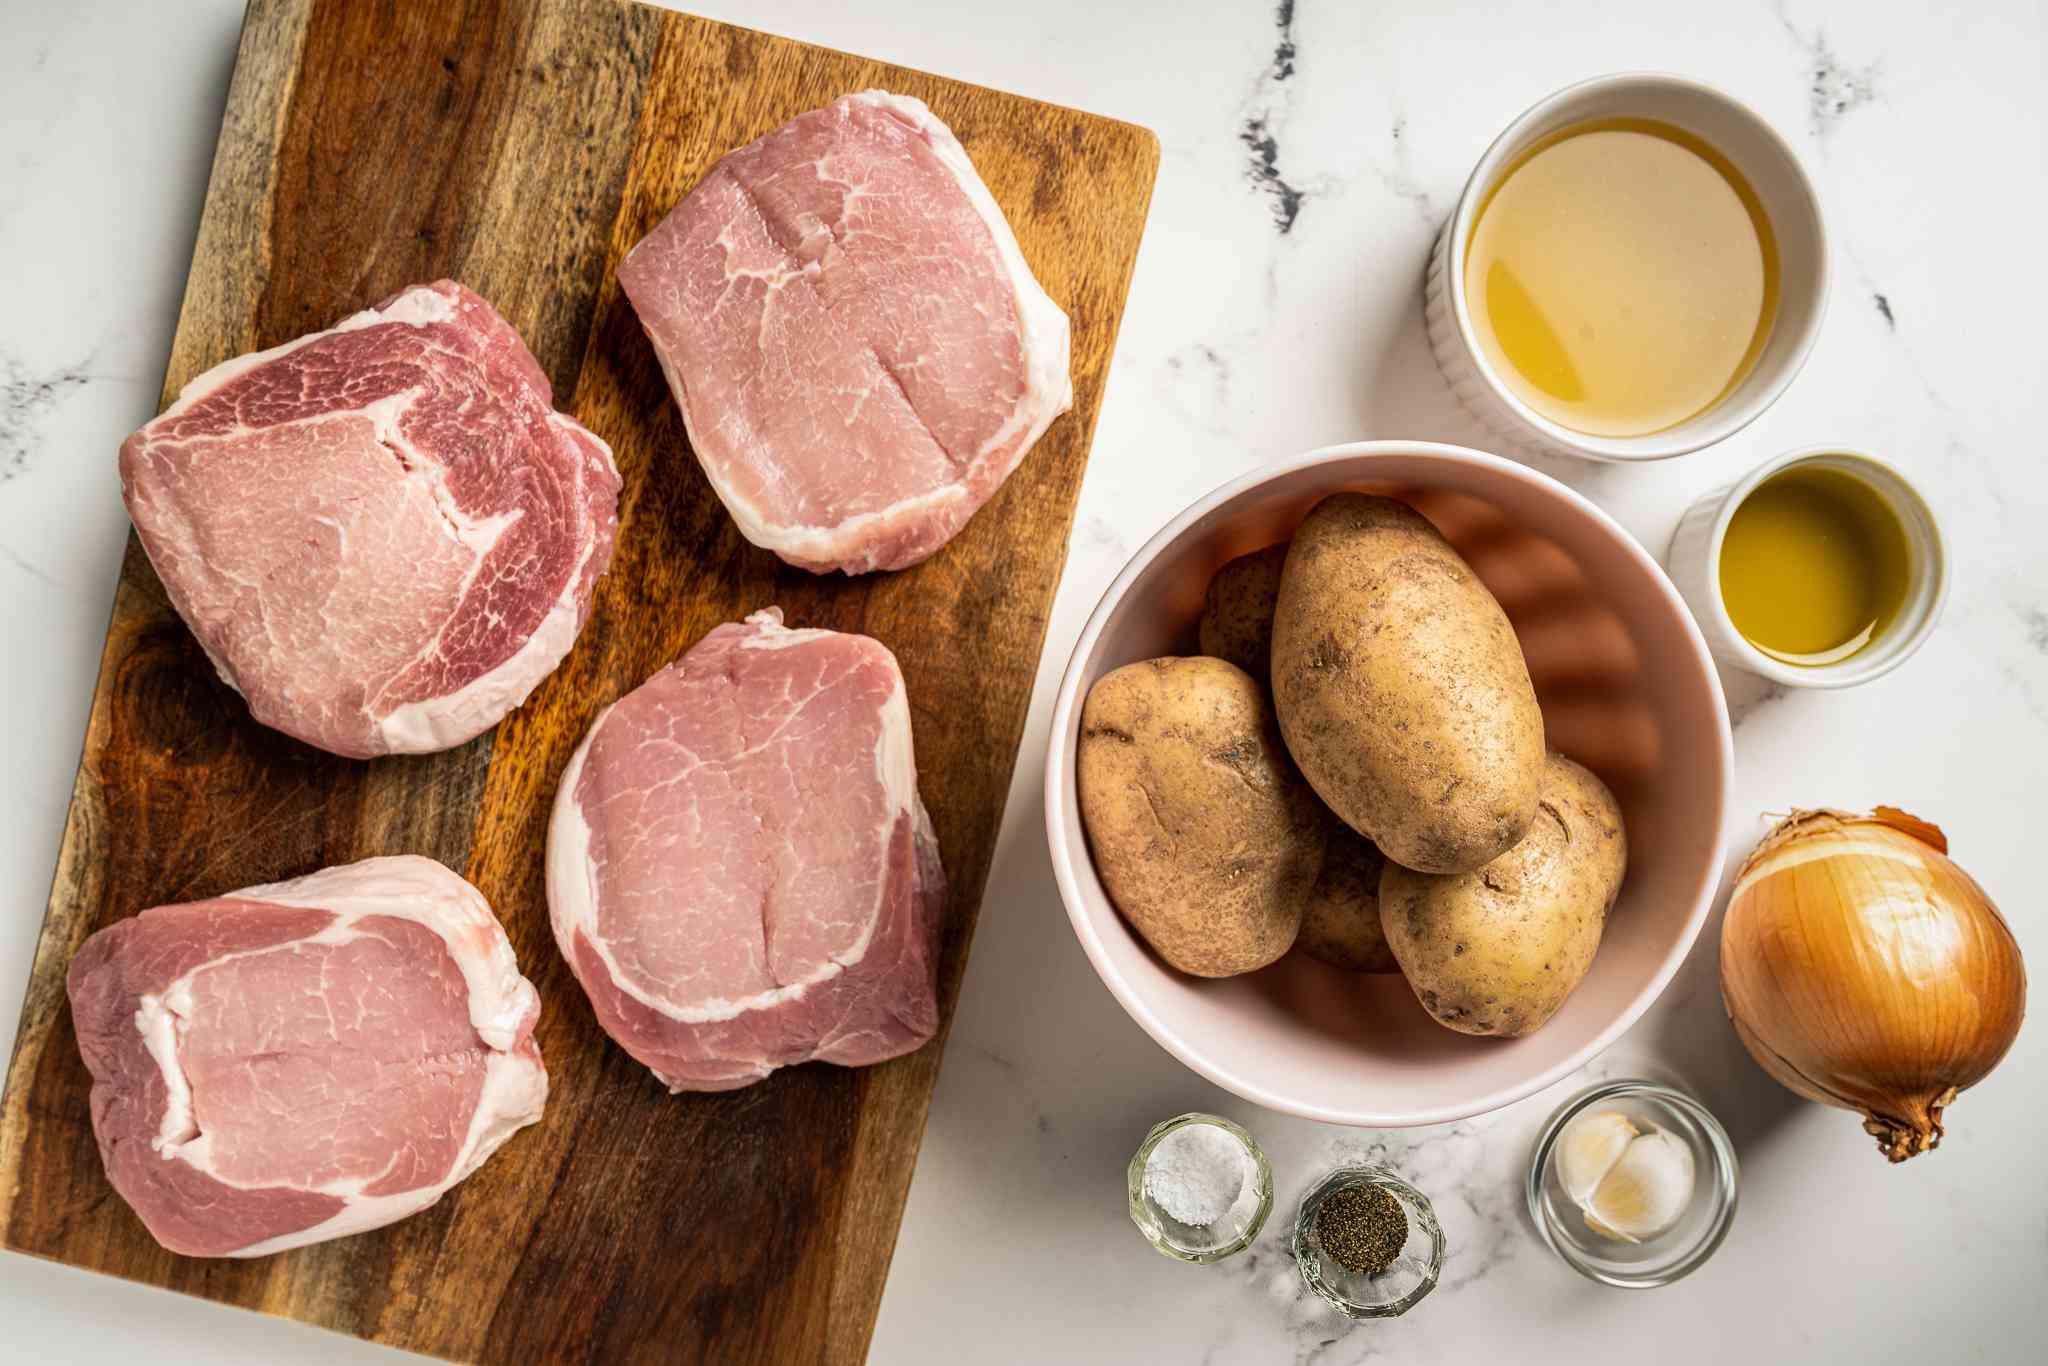 Sheet Pan Pork Chops and Potatoes ingredients